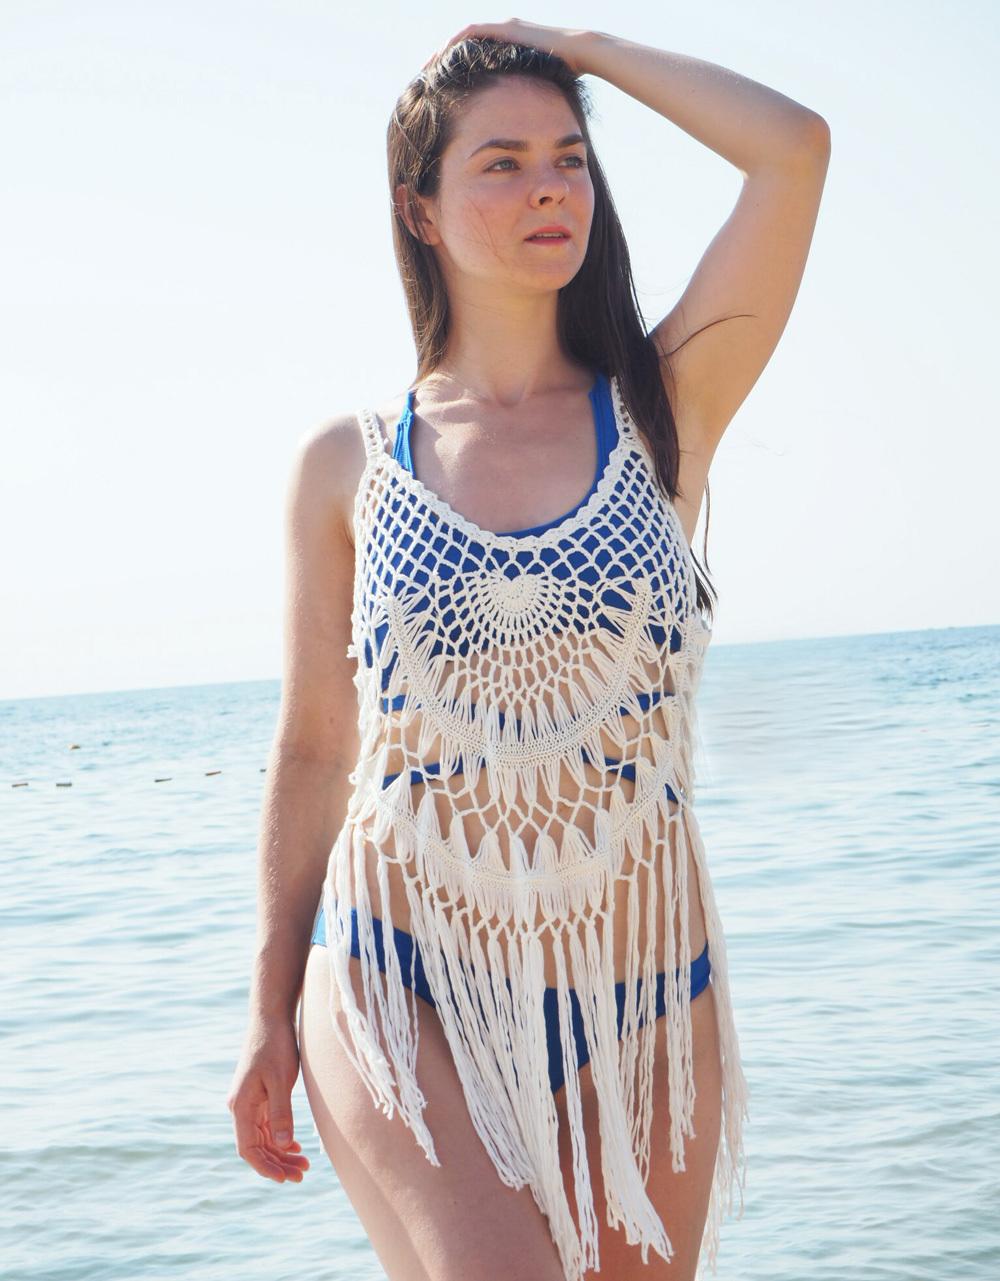 S-xxl Hollow Out Fringe Cover Up Crochet Tassel Cover-ups Women Swimwear Female Dress Beach Wear Beachwear Y363 Q190521